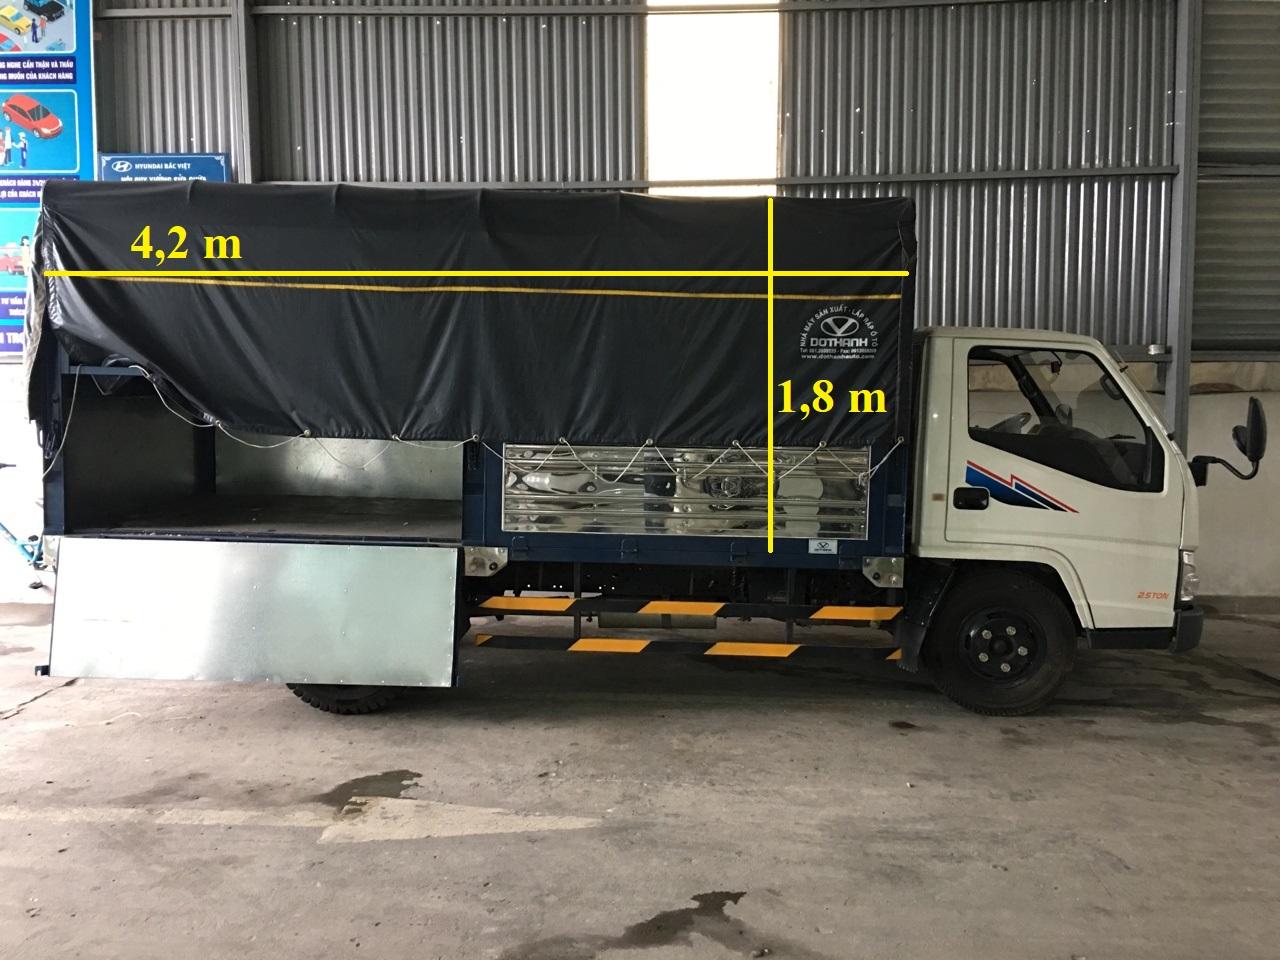 xe tải 2,15 tấn iz49 hyundai đô thành